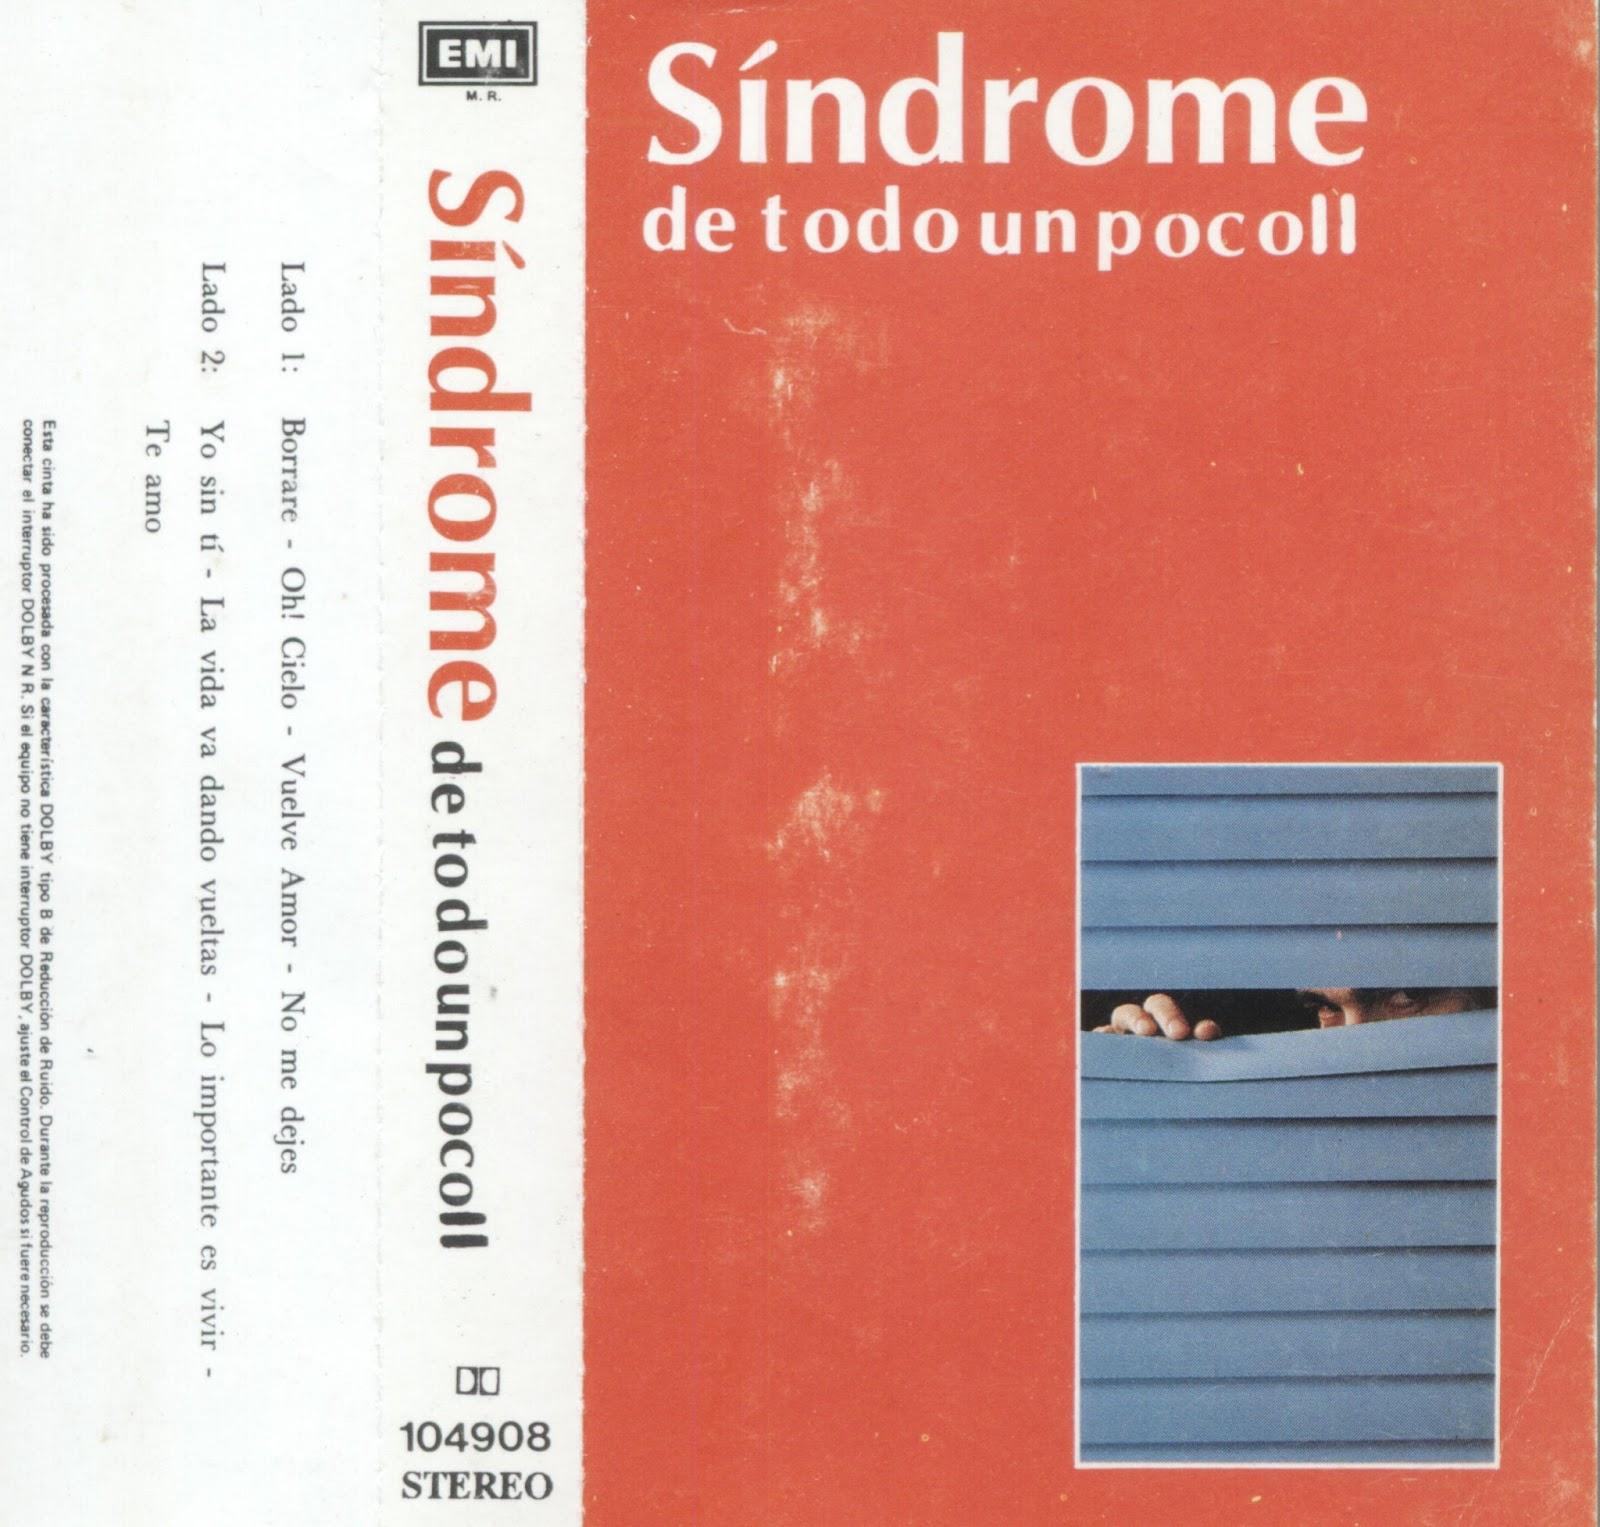 rockchilenos sindrome de todo un poco ii 1989 resubido. Black Bedroom Furniture Sets. Home Design Ideas